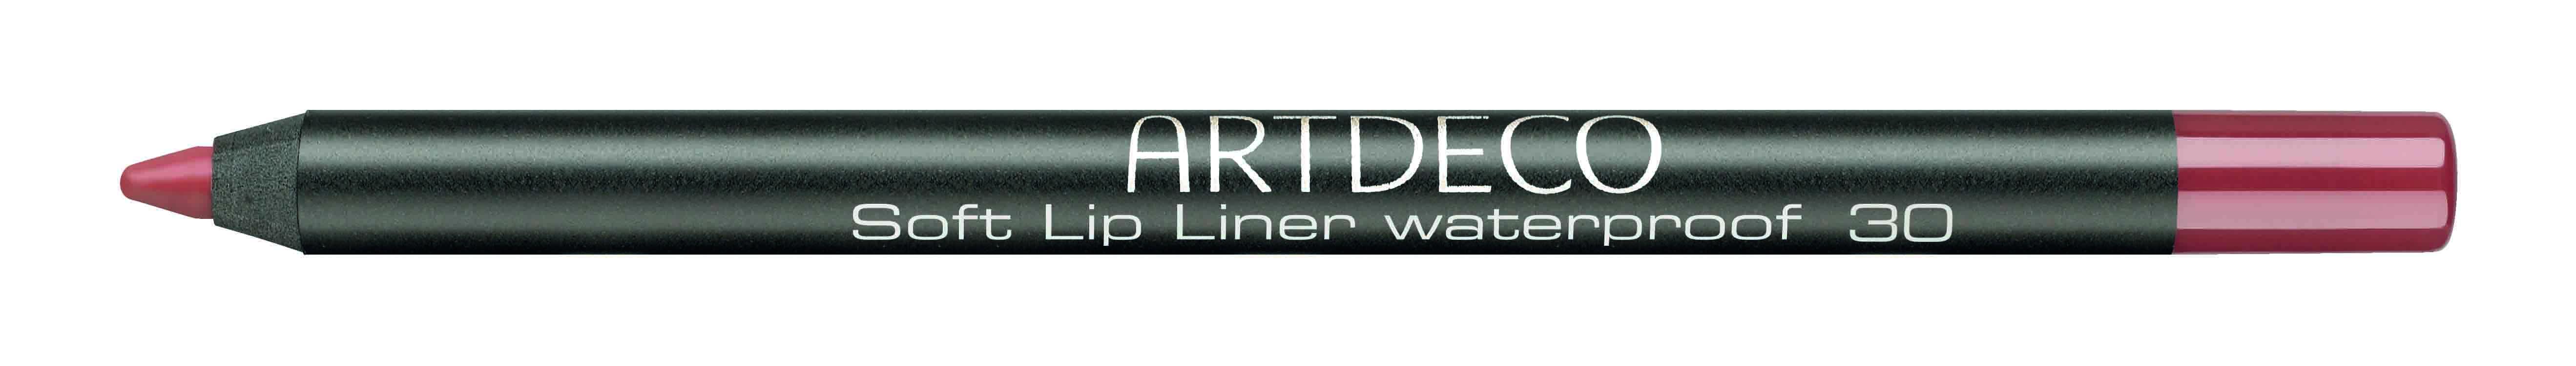 Artdeco карандаш для губ водостойкий 30 1,2г172.30Контур со стойкой текстурой и насыщенным цветом не позволяет растекаться помаде или блеску, помогает сделать чувственный макияж губ.